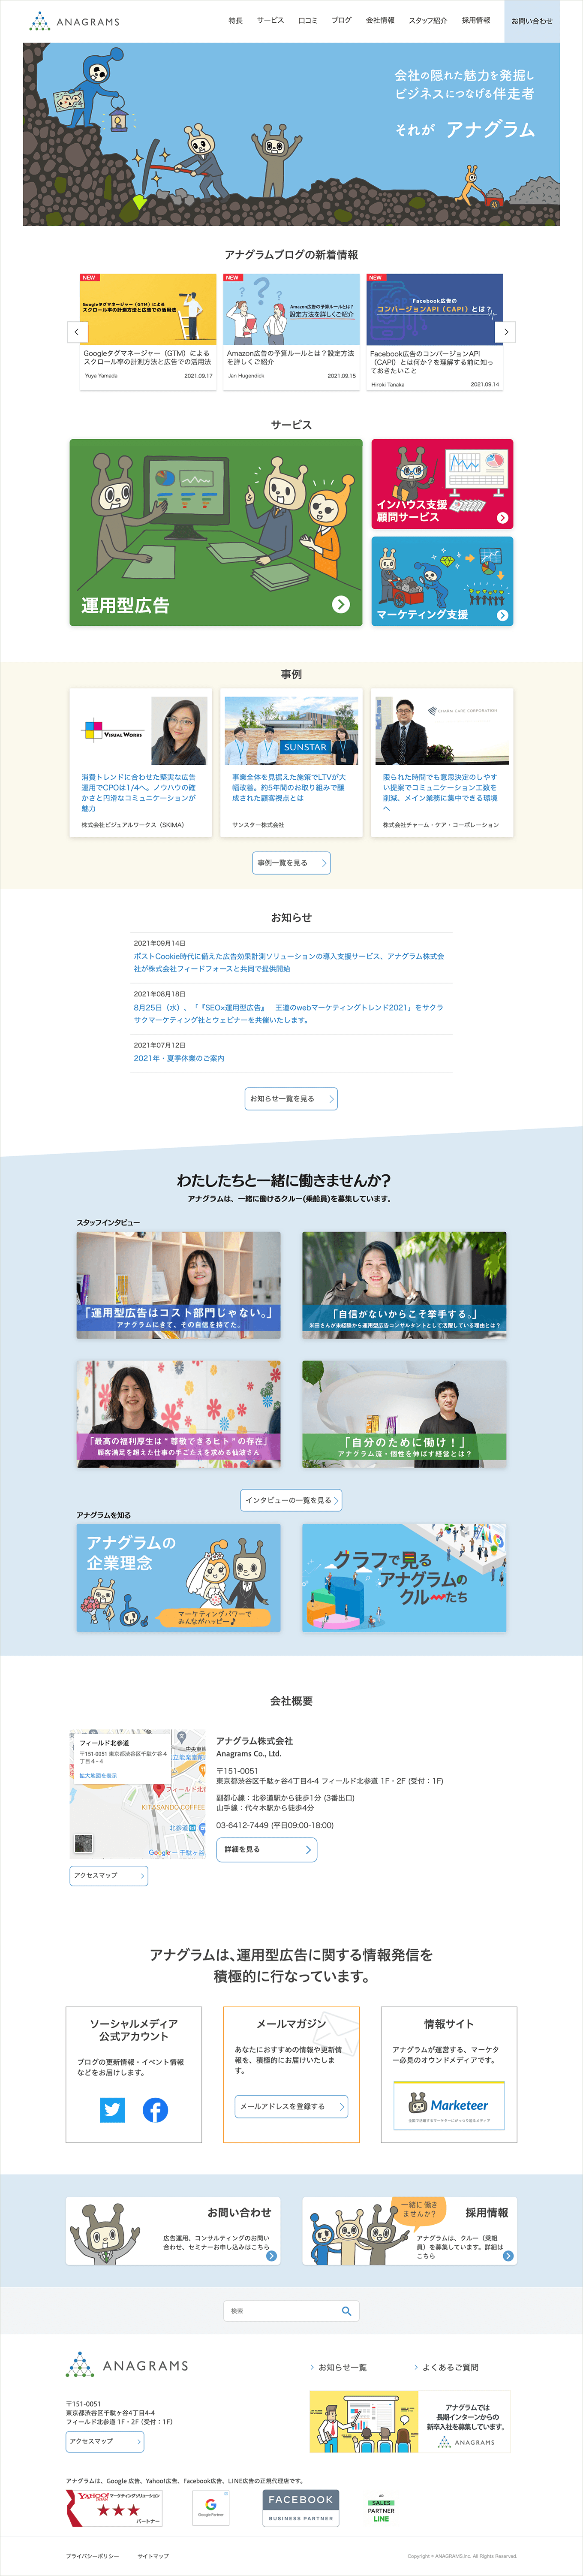 アナグラム株式会社トップページ